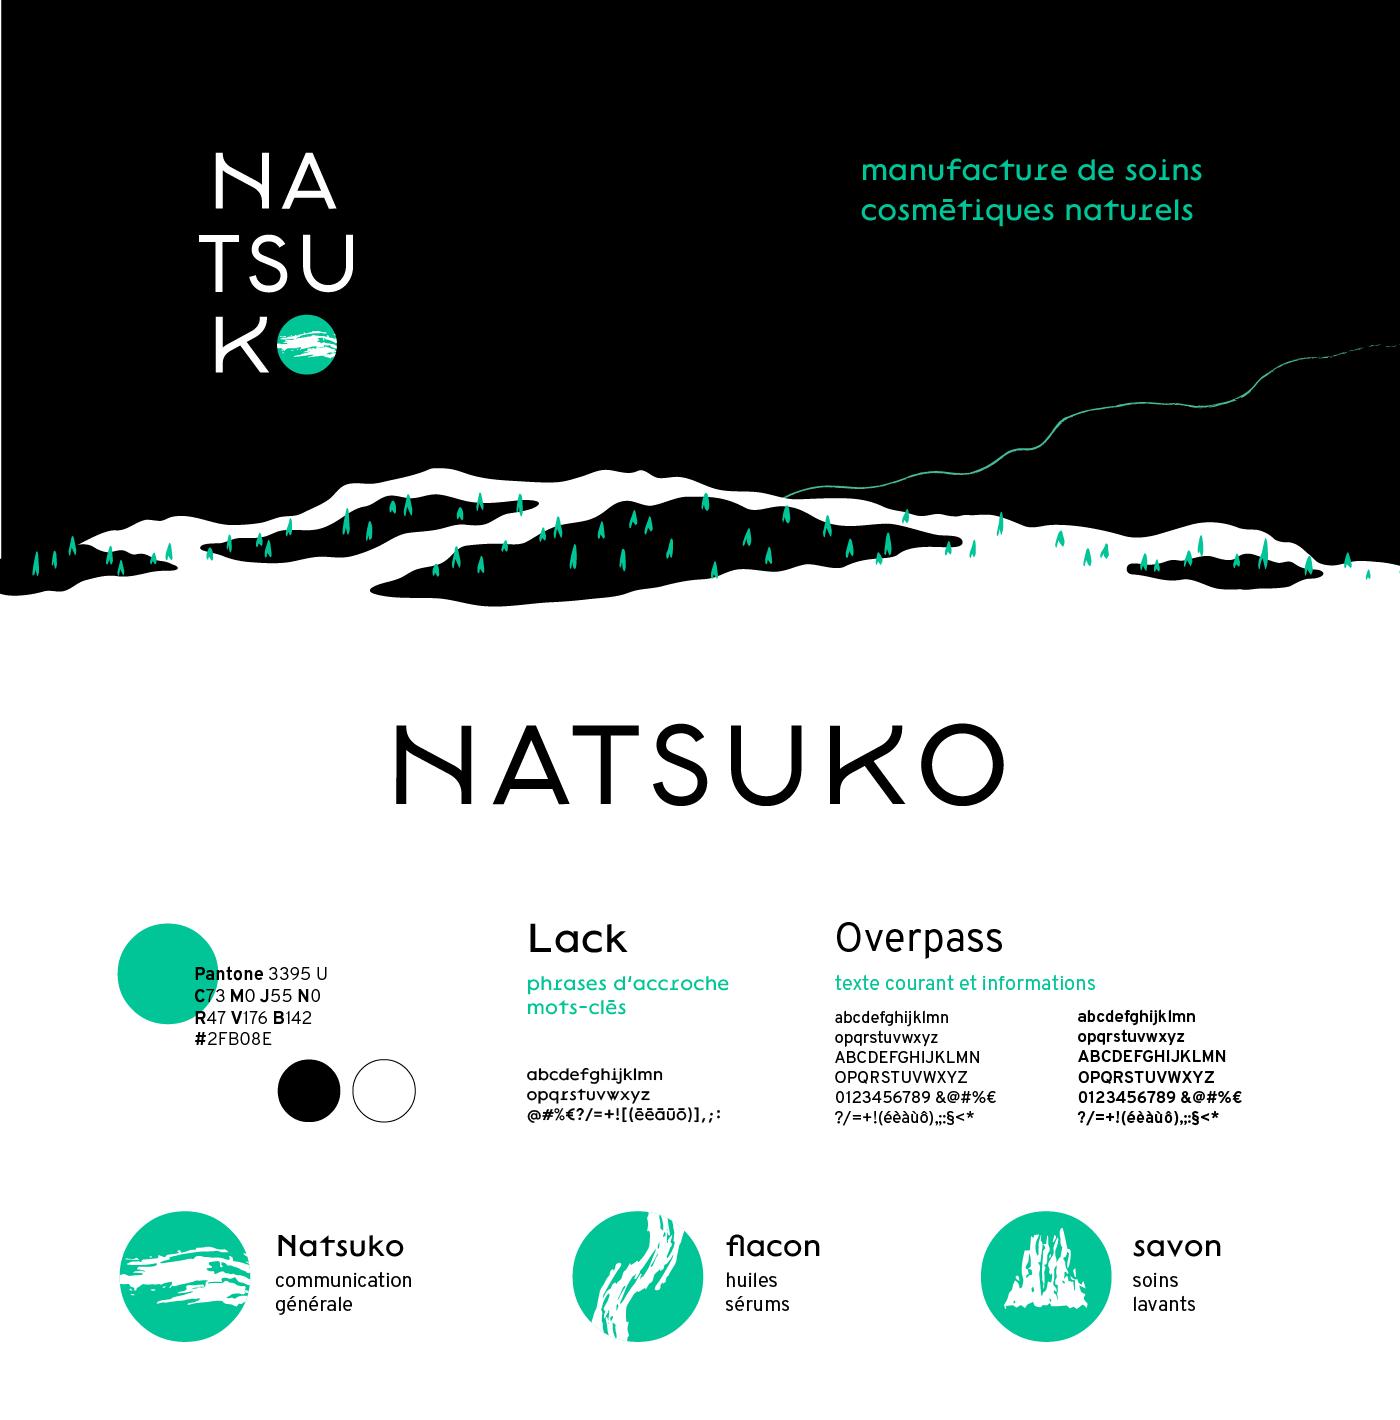 Détail de la charte graphique de Natsuko. Présentation du logotype, des couleurs, du motif graphique, des sceaux et des typographies Lack et Overpass